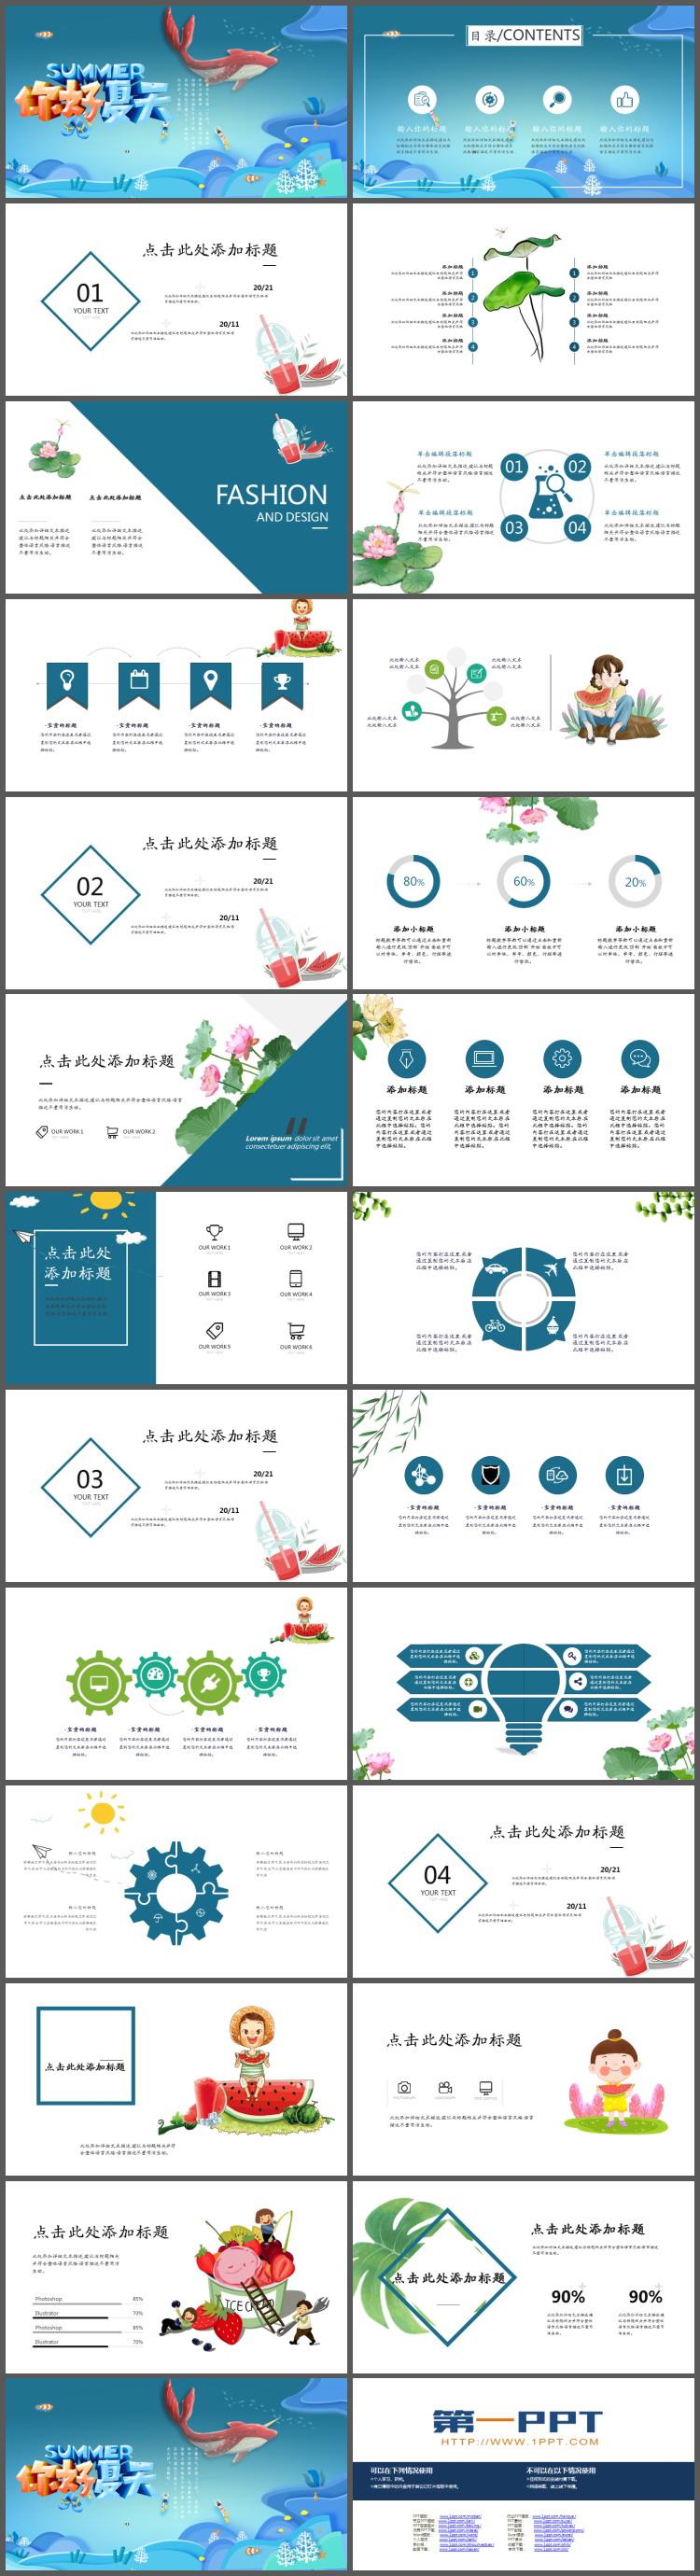 蓝色清爽海洋风夏天主题东京热人妻丝袜无码av一二三区观免费91国产福利实拍在线观看